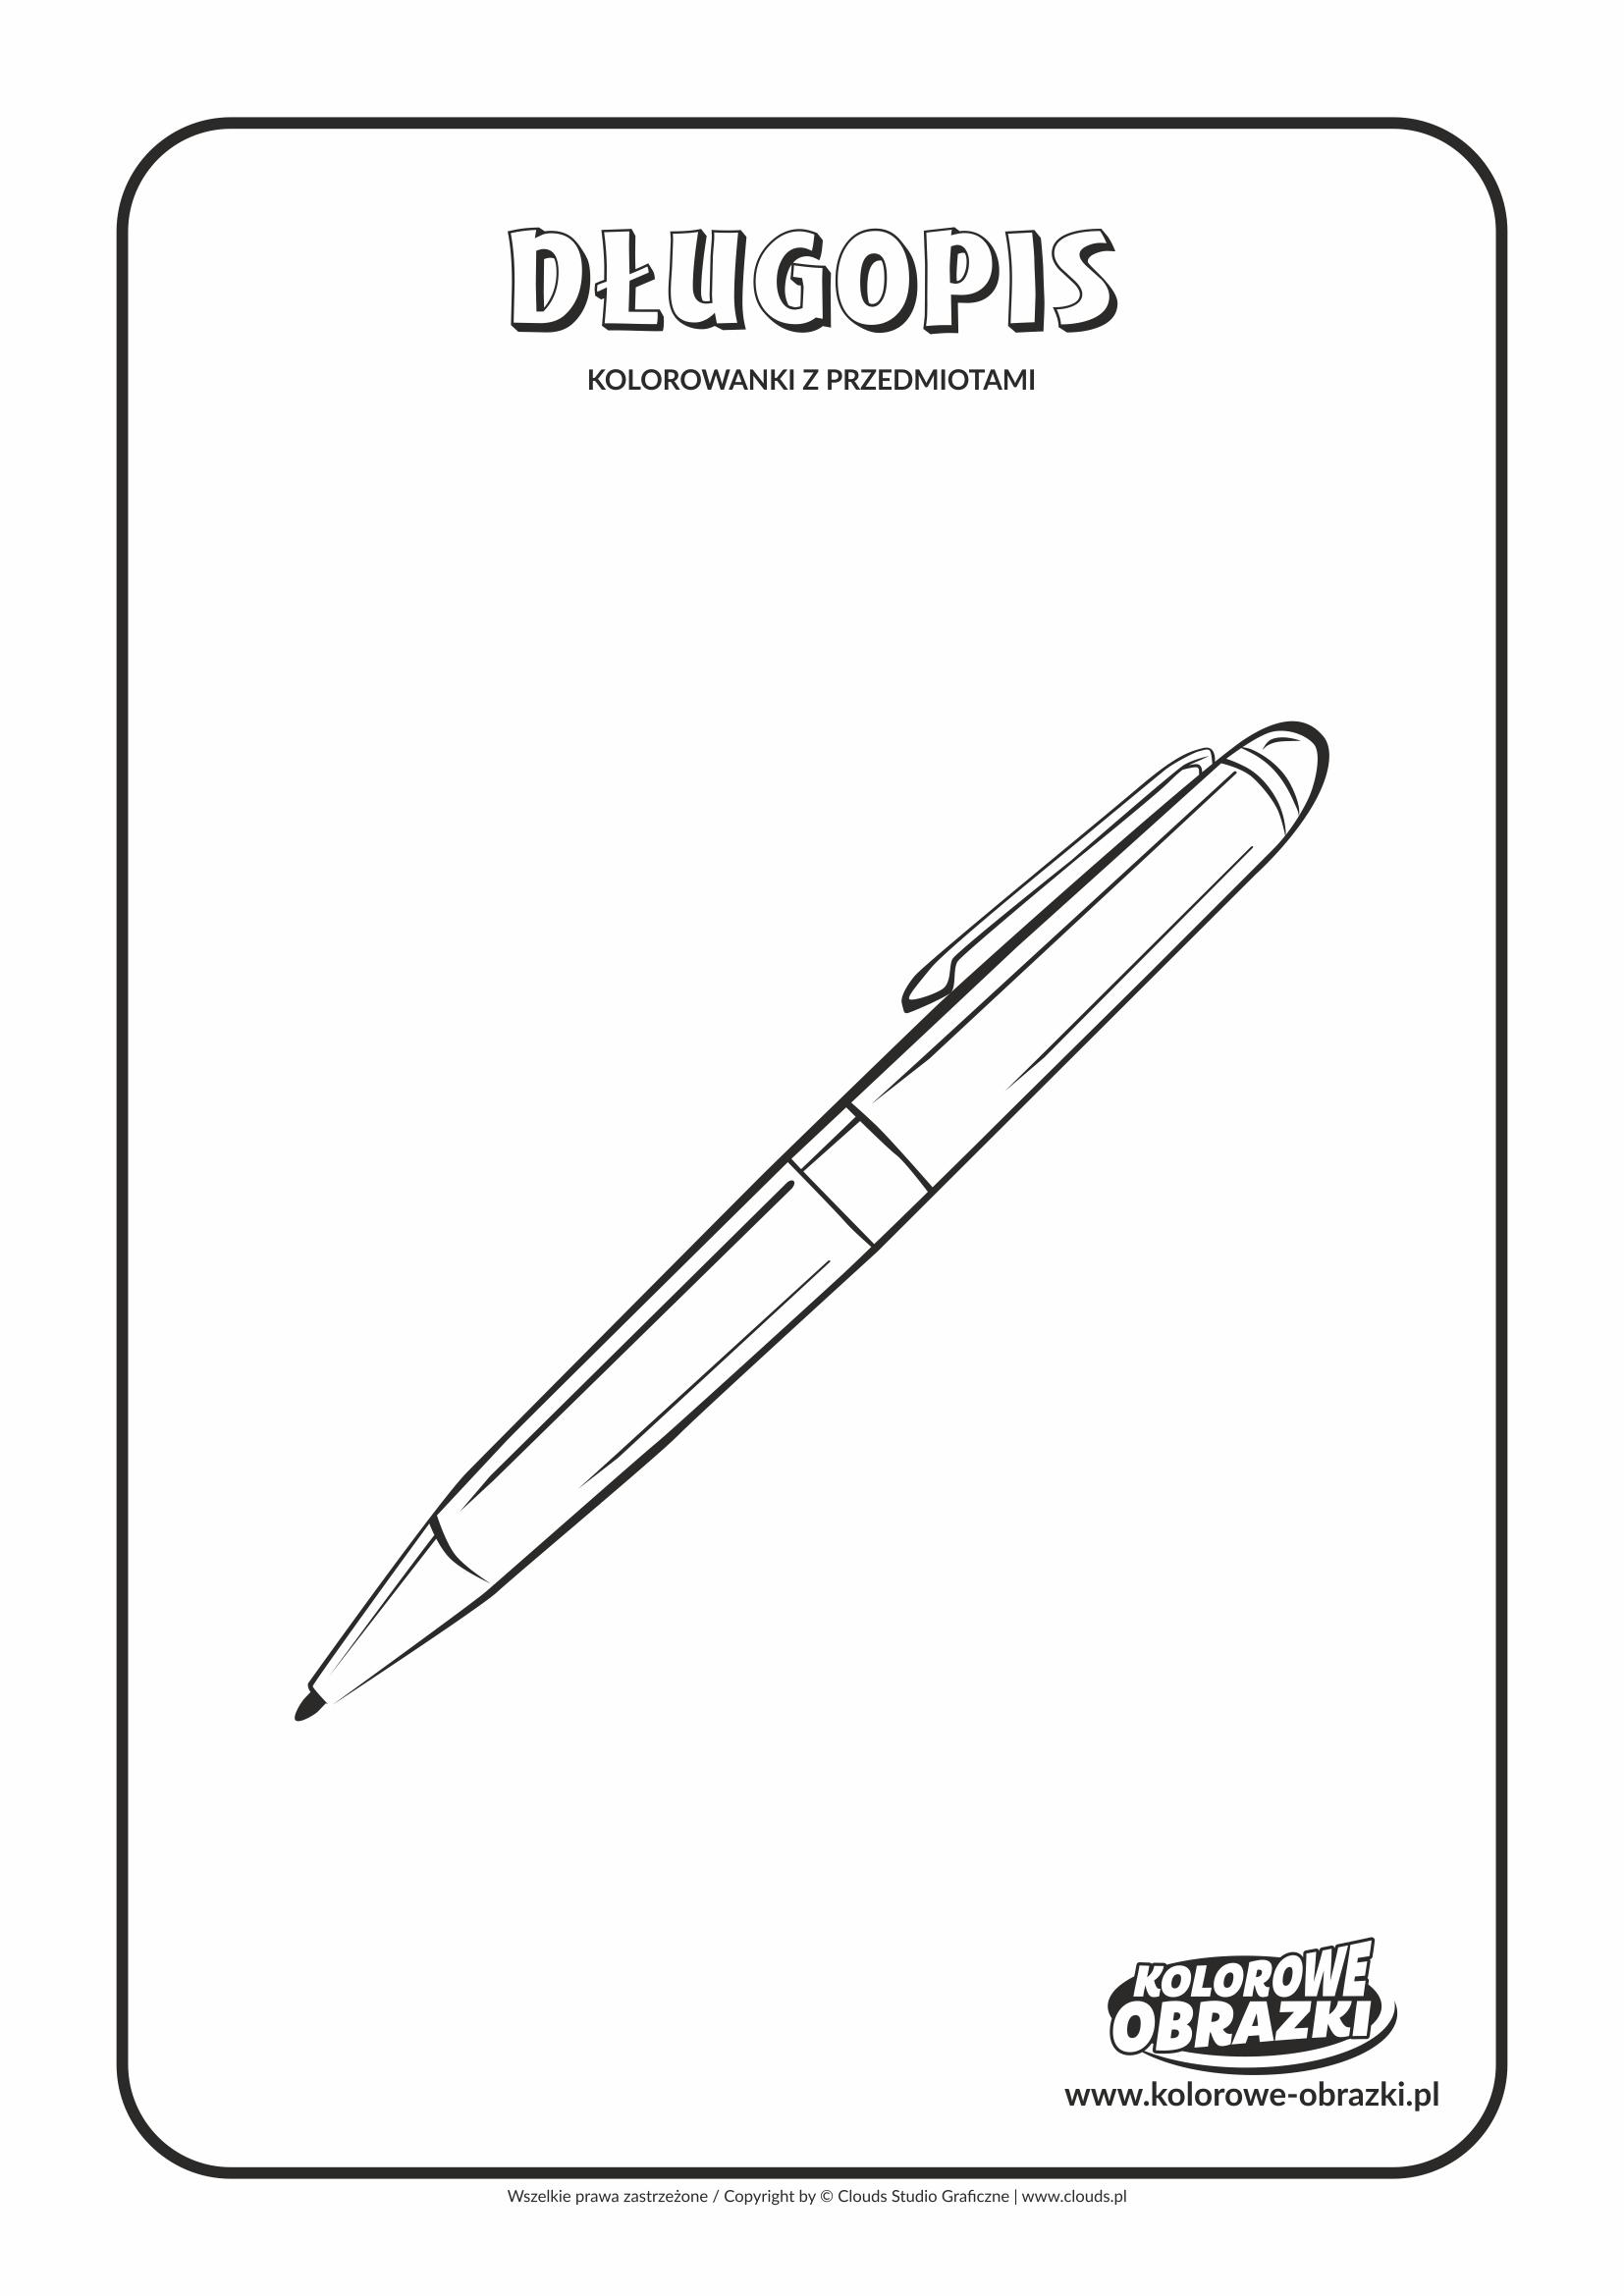 Kolorowanki dla dzieci - Przedmioty / Długopis. Kolorowanka z długopisem